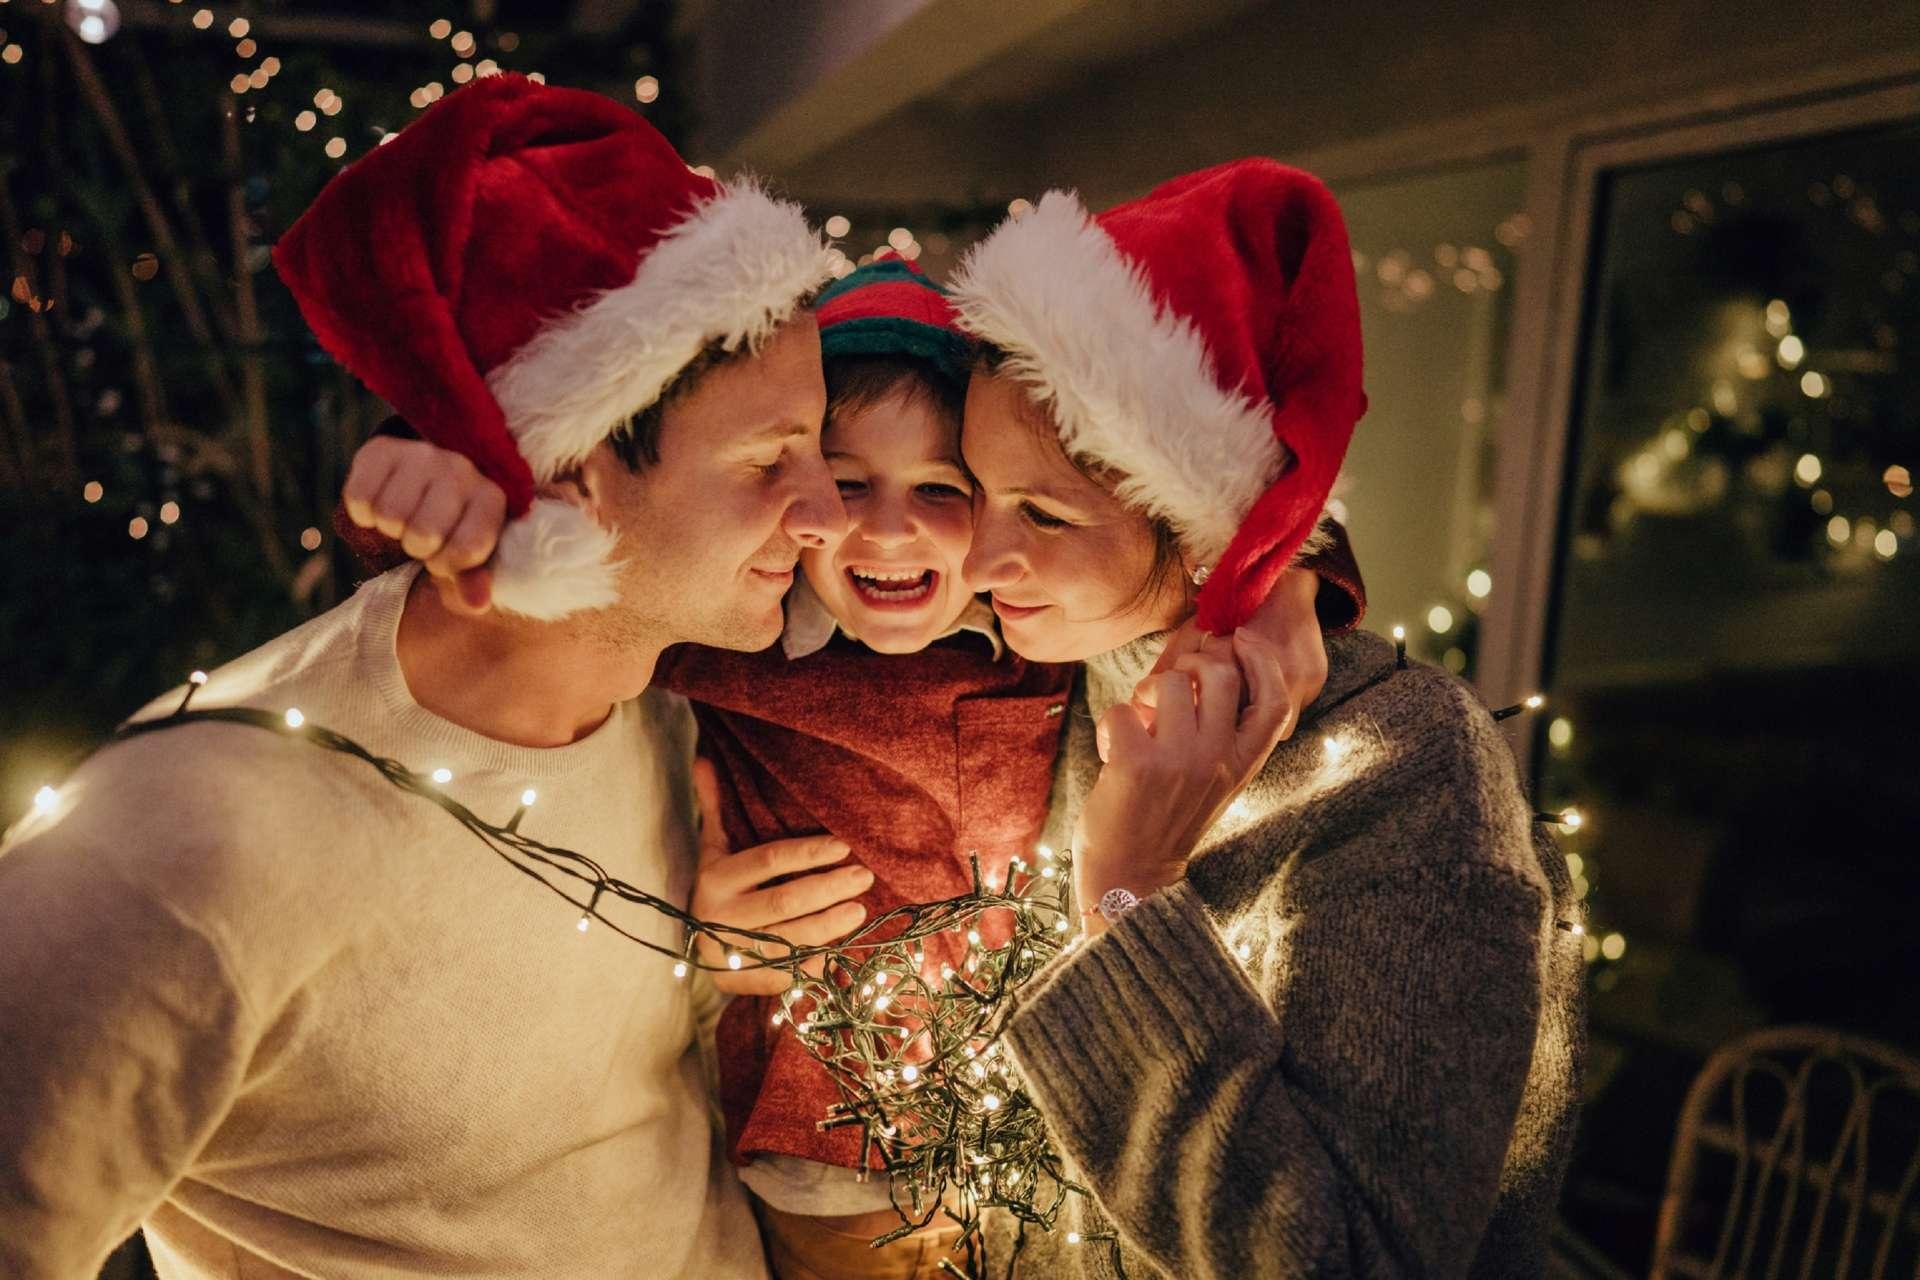 Comment fêtera-t-on les traditionnelles fêtes de Noël et du jour de l'An dans le contexte de la pandémie sans générer de frustrations, tout en veillant sur la santé de nos proches ? © AleksandarNakic, IStock.com